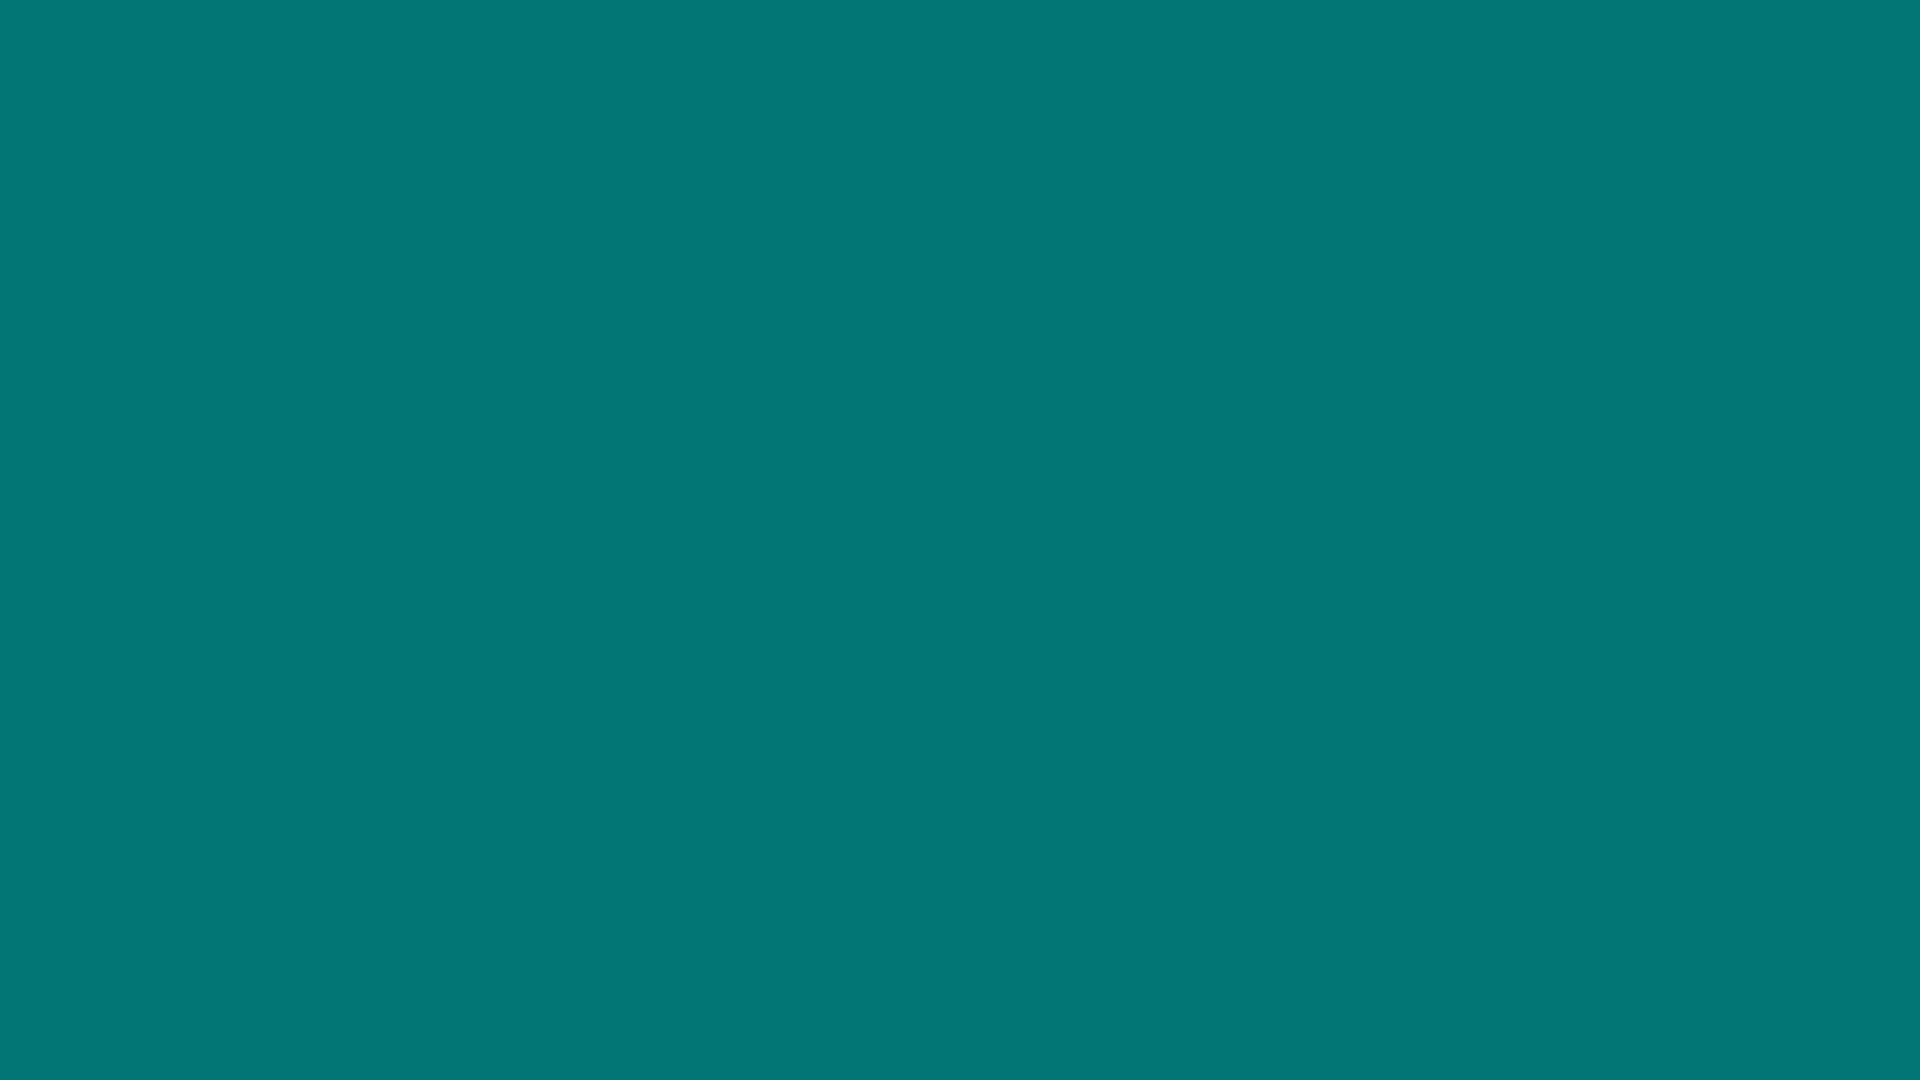 [공지] 서울대 아시아연구소 인턴 2기 워크숍 시리즈